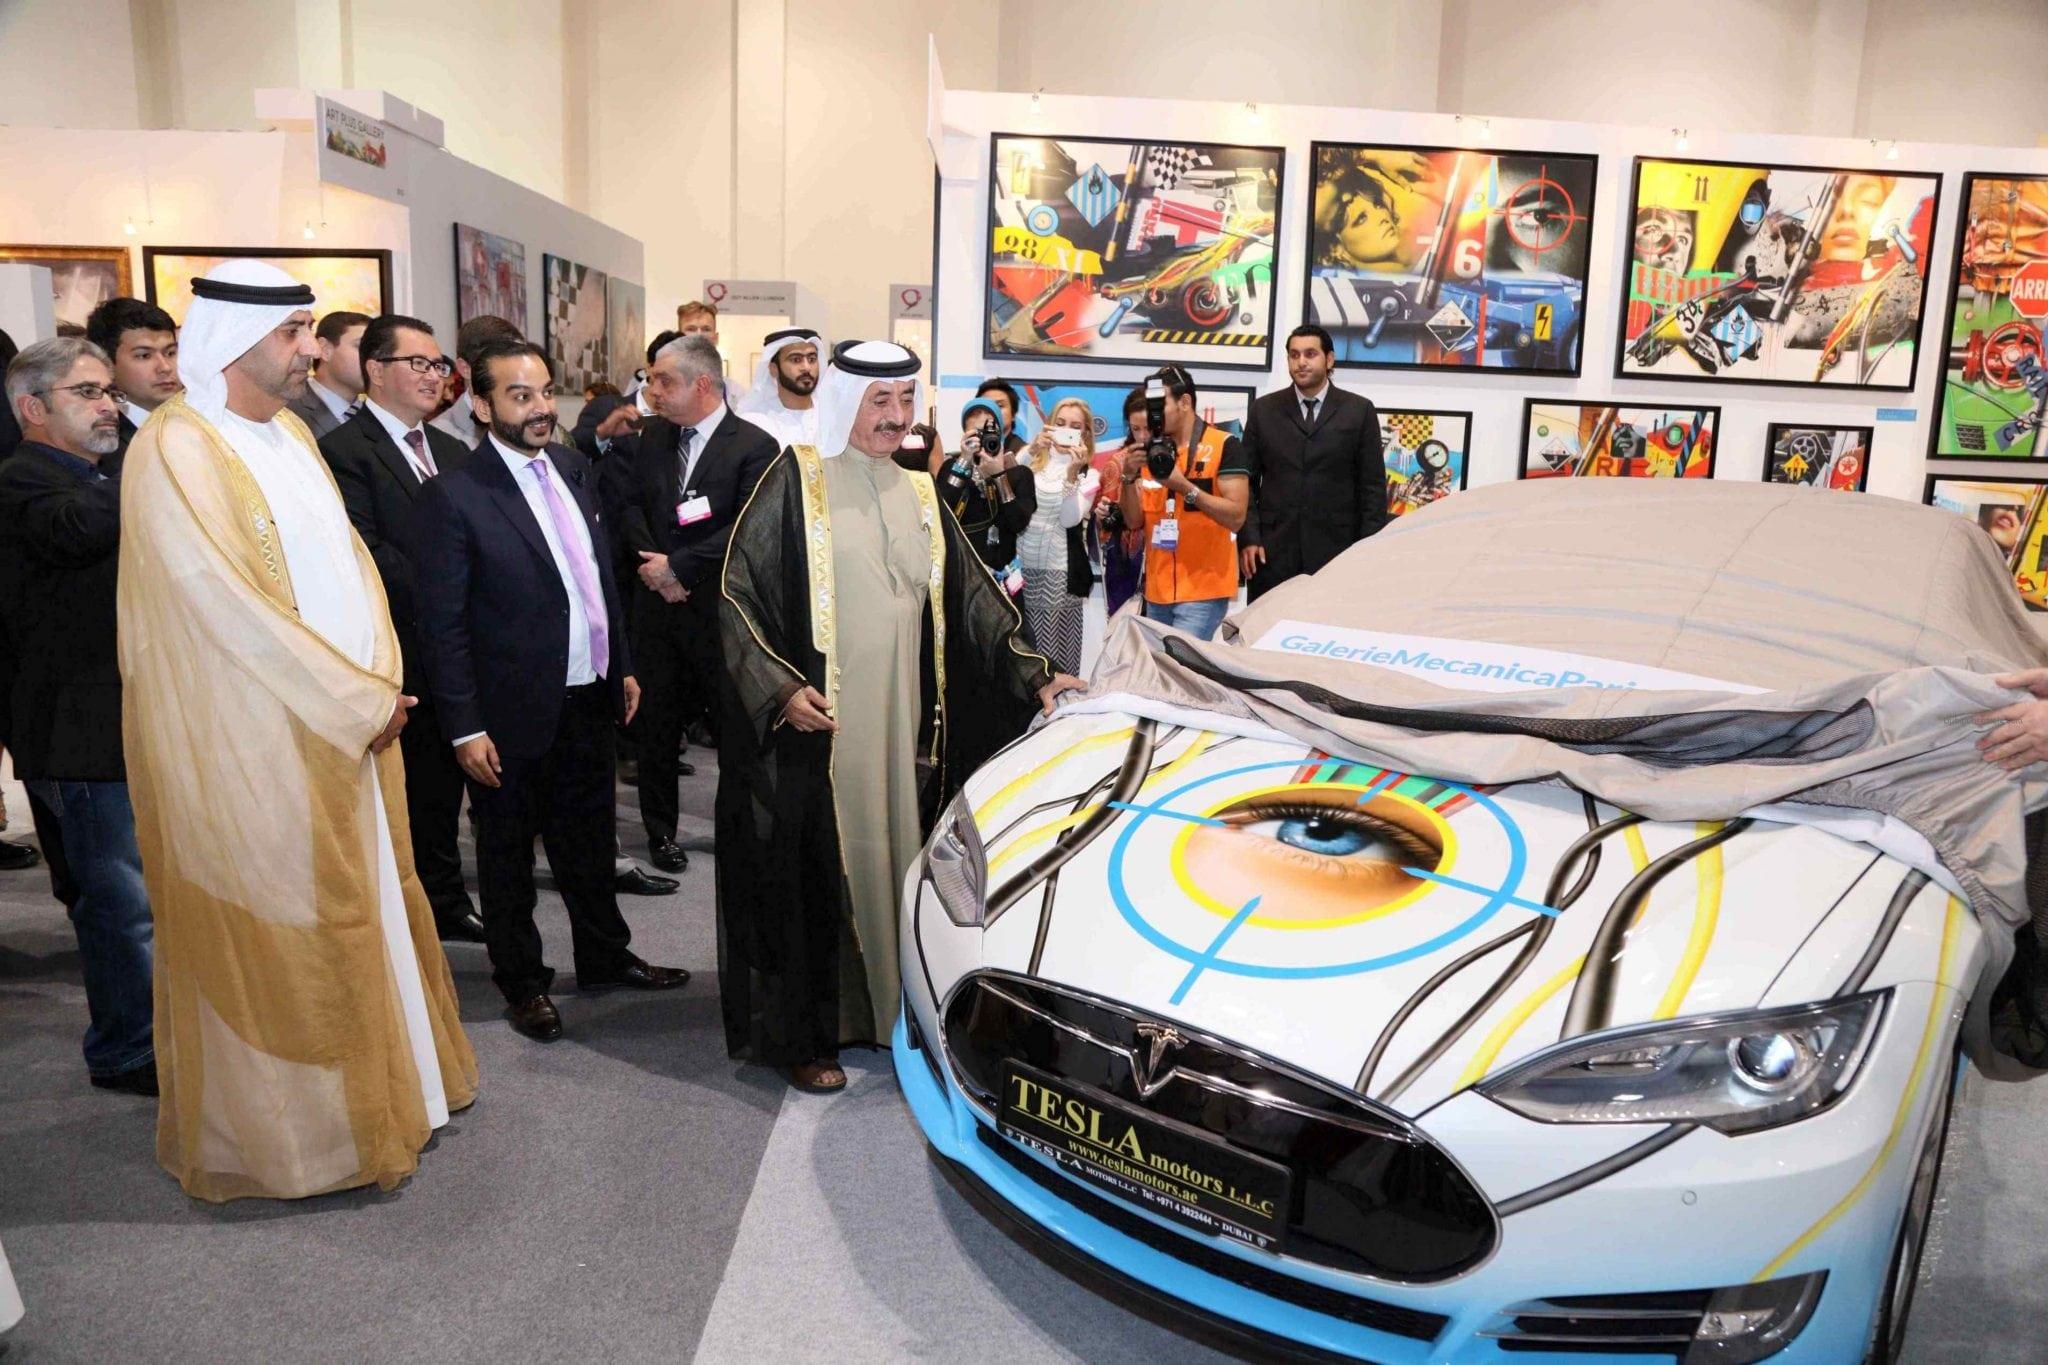 Tesla Art Car Unveiled at World Art Dubai